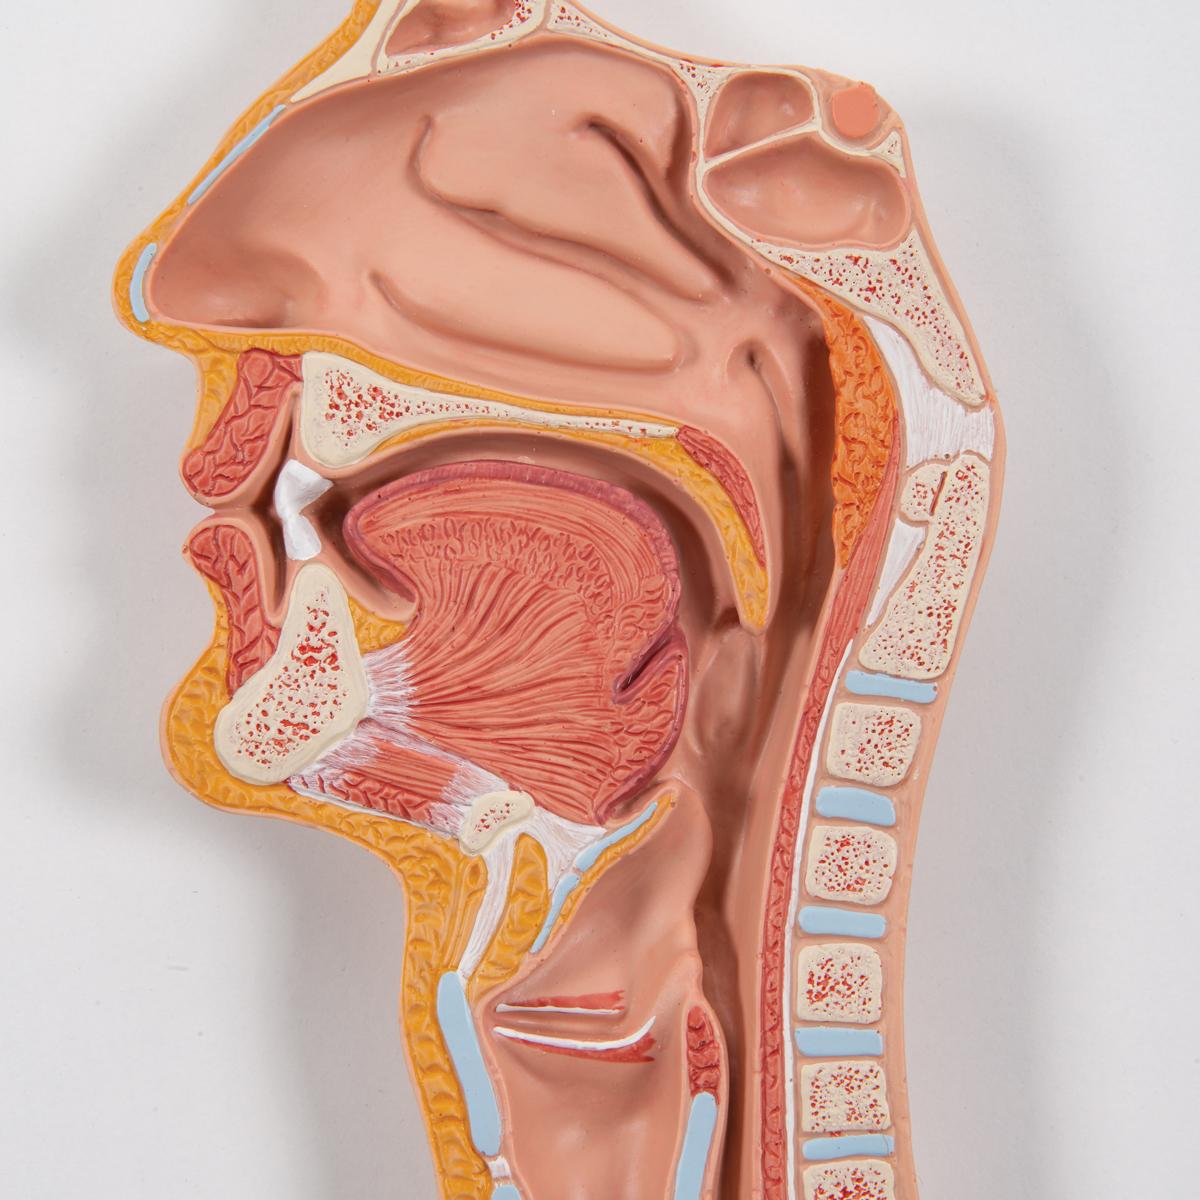 Anatomical Teaching Models